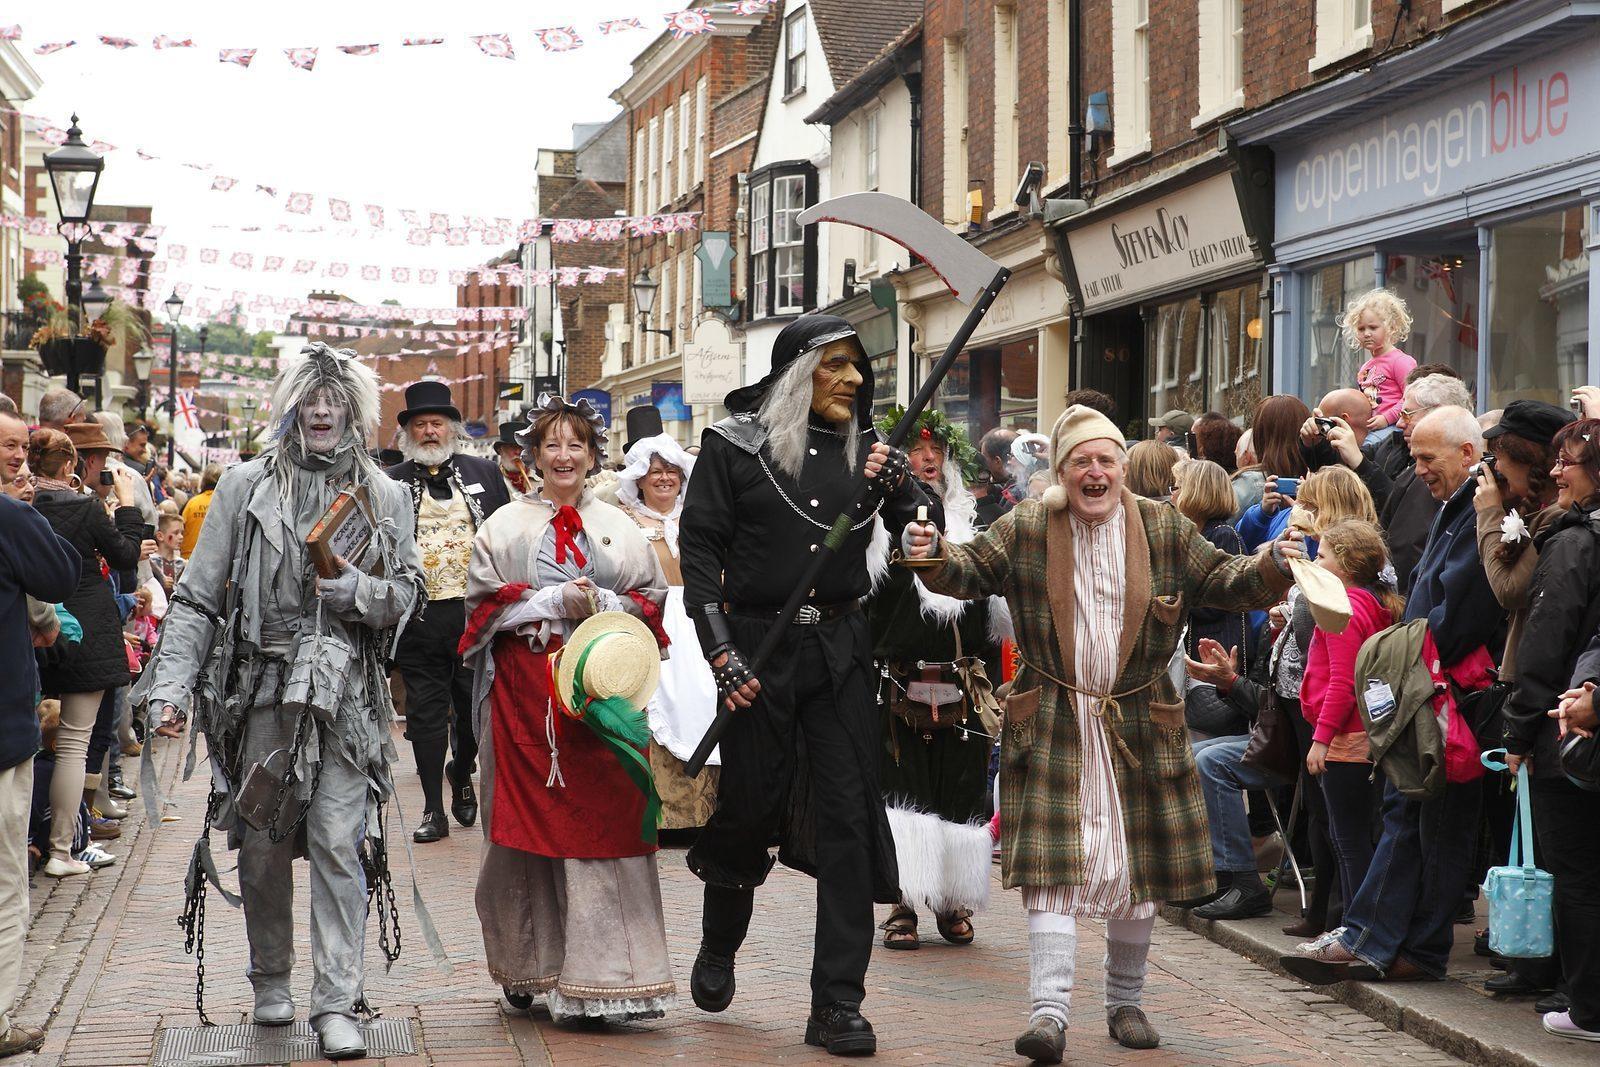 The annual Dickens Festival in Deventer